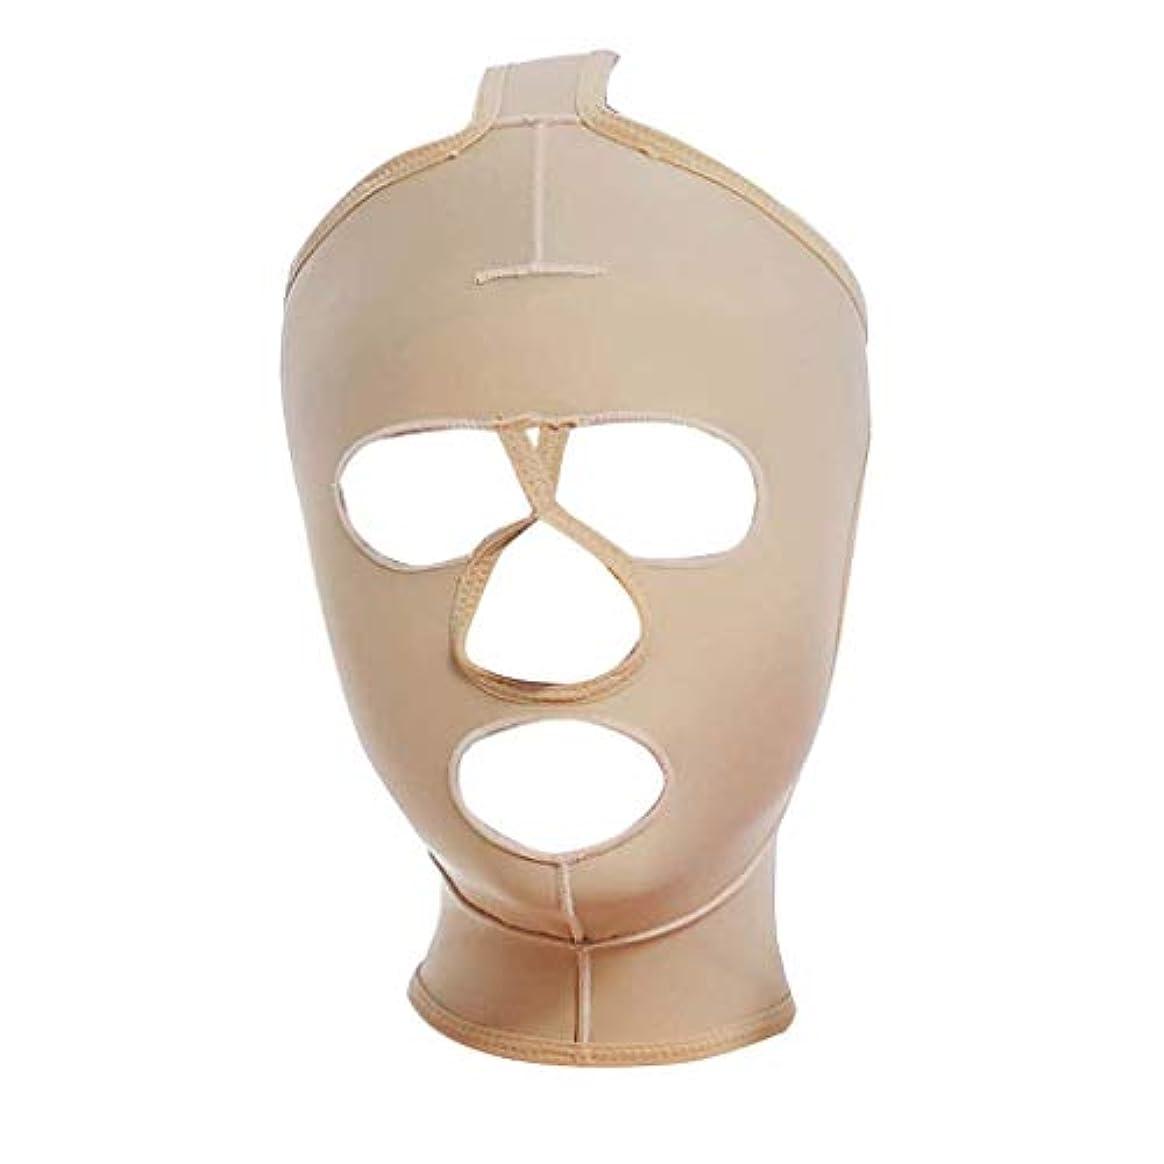 補正まだら免除するフェイス&ネックリフト、減量フェイスマスク脂肪吸引術脂肪吸引術整形マスクフードフェイスリフティングアーティファクトVフェイスビームフェイス弾性スリーブ(サイズ:XXL),XS